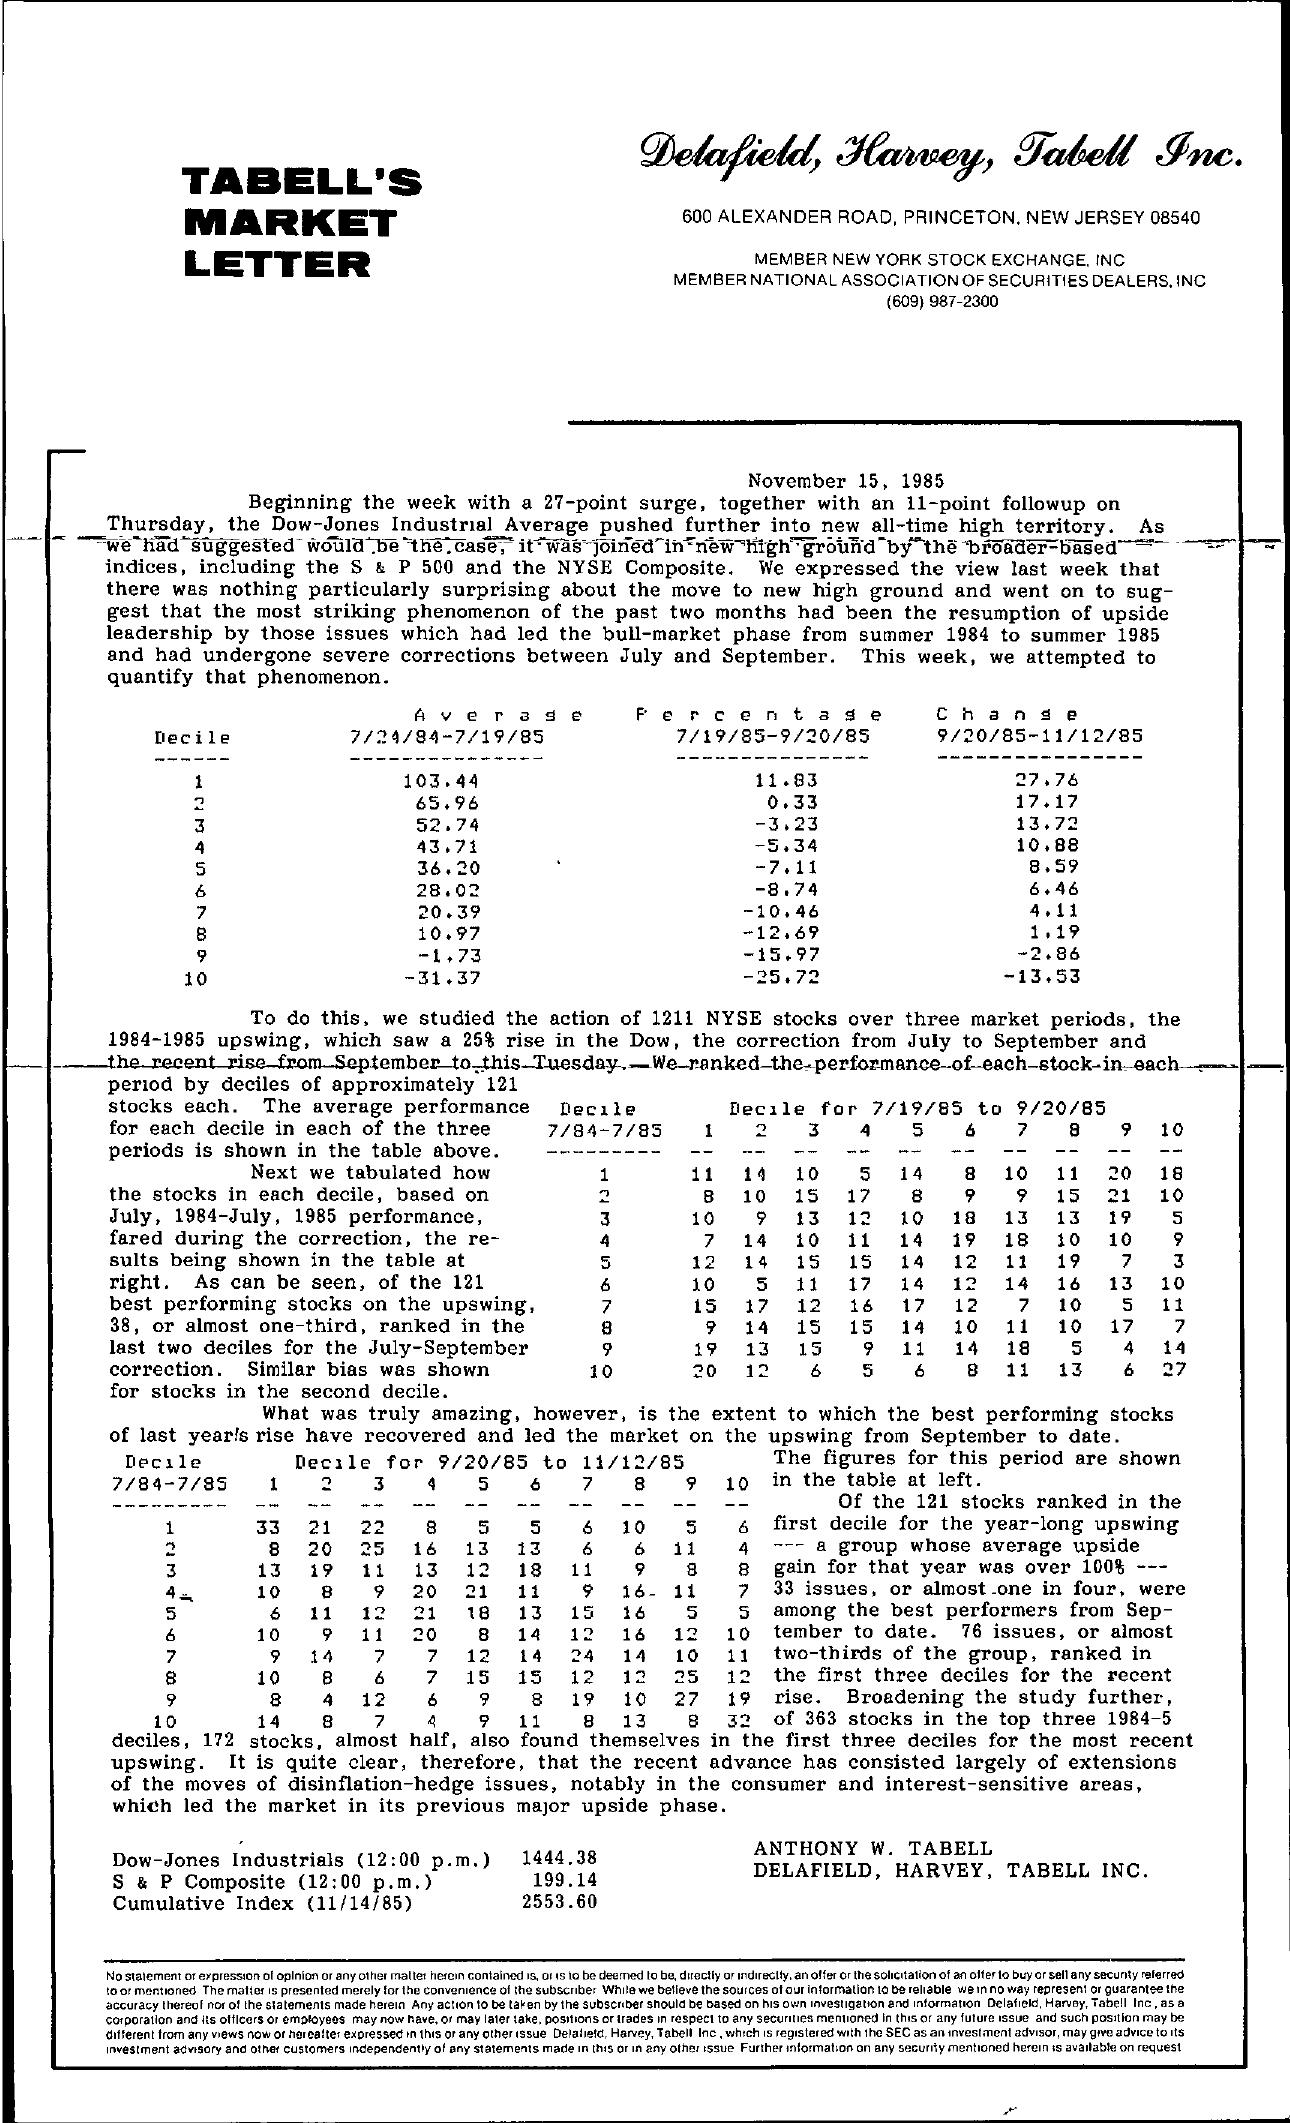 Tabell's Market Letter - November 15, 1985